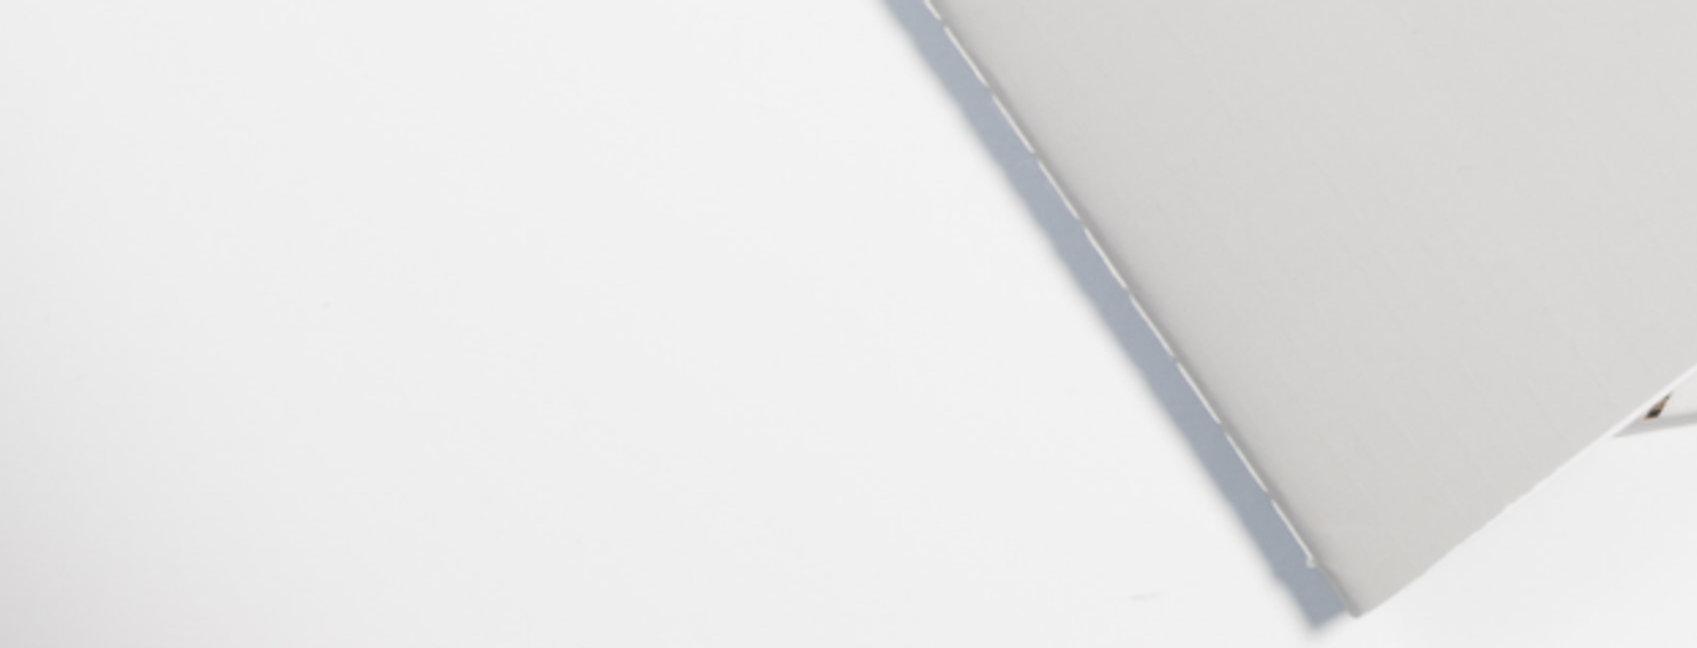 pexels-ylanite-koppens-843266.jpg